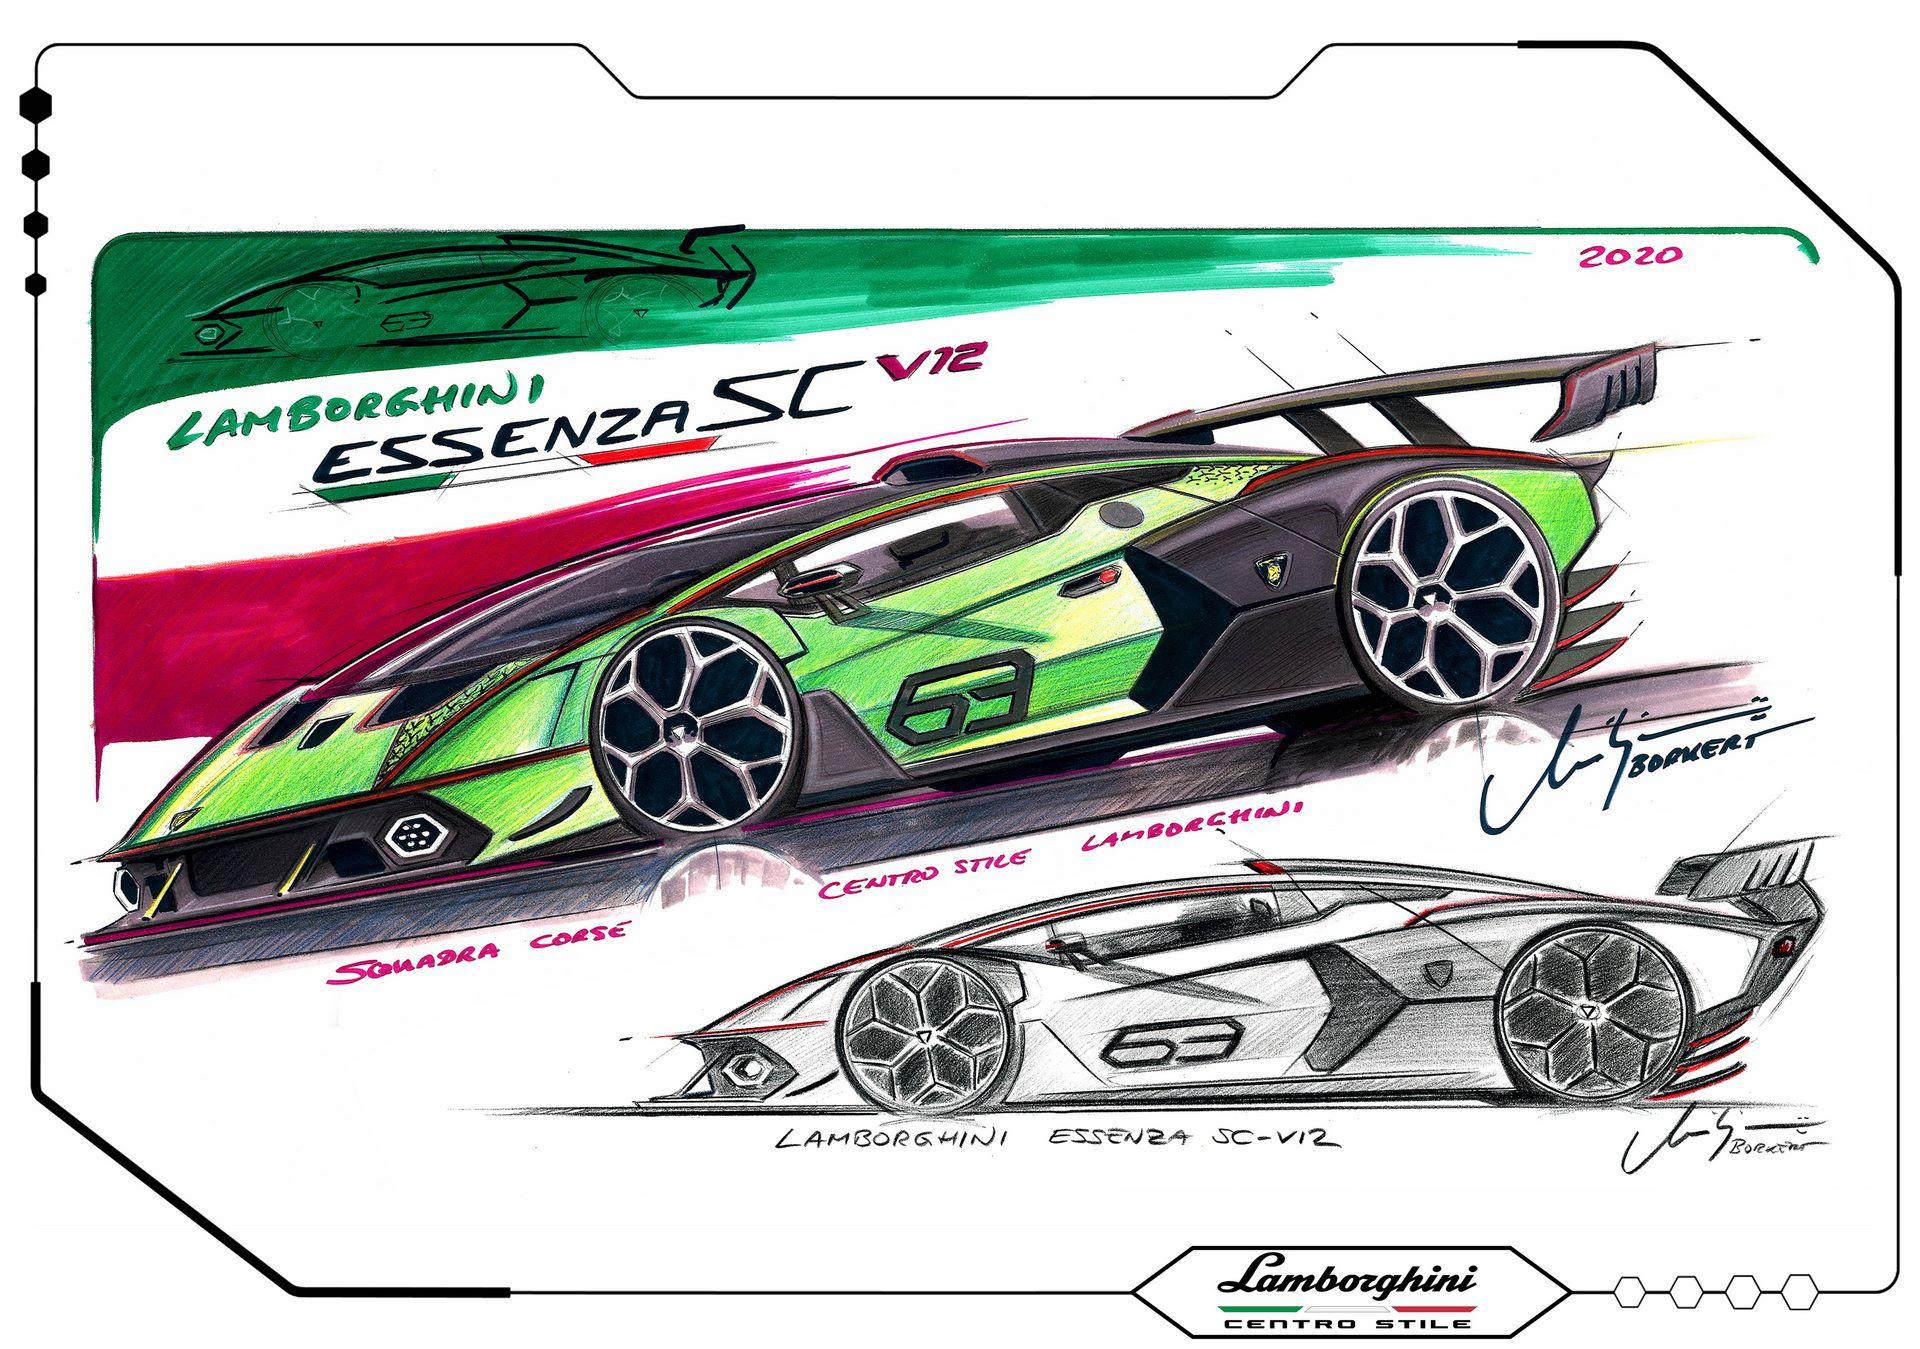 Lamborghini-Essenza-SCV12-24